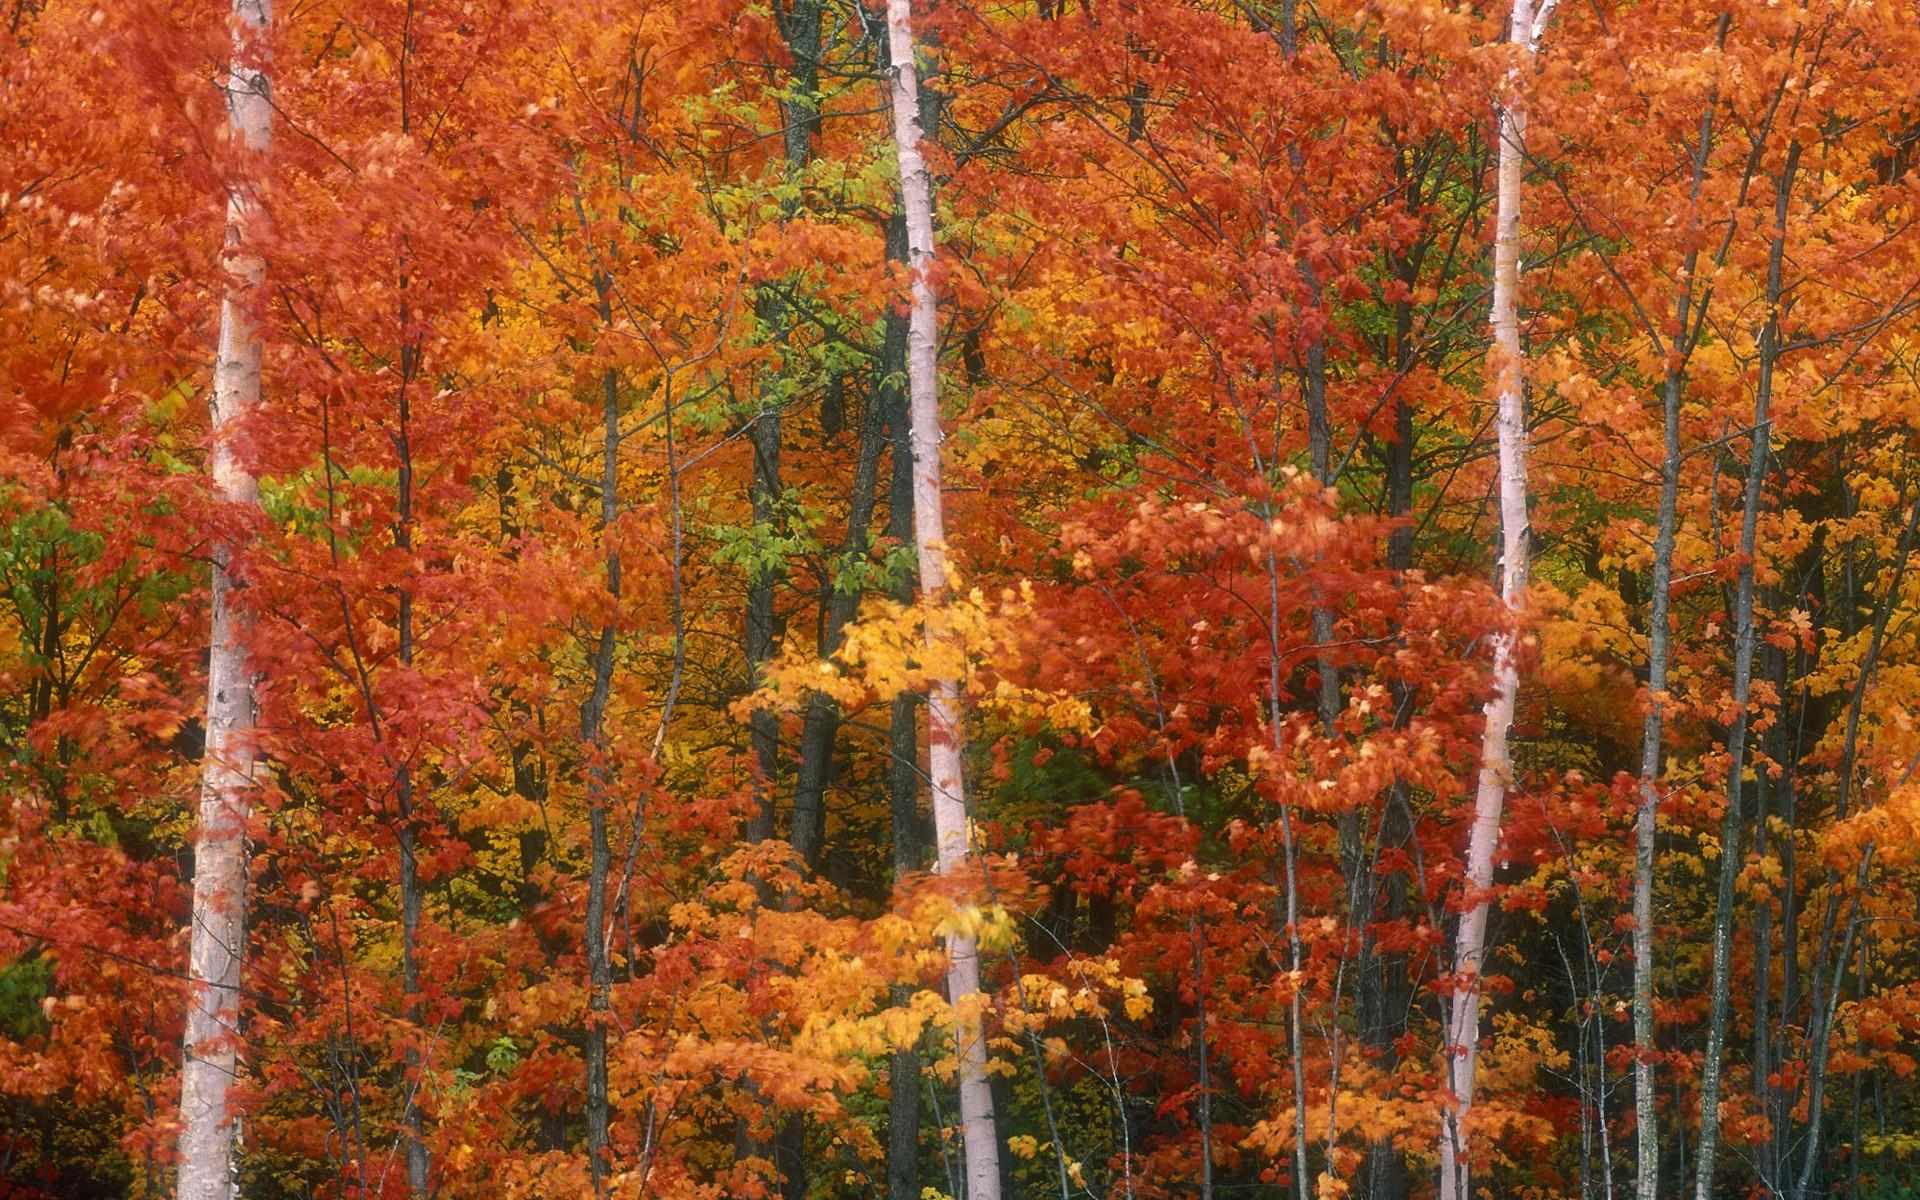 【高清图】大尺寸自然风景秋叶壁纸 第6页-zol图片频道